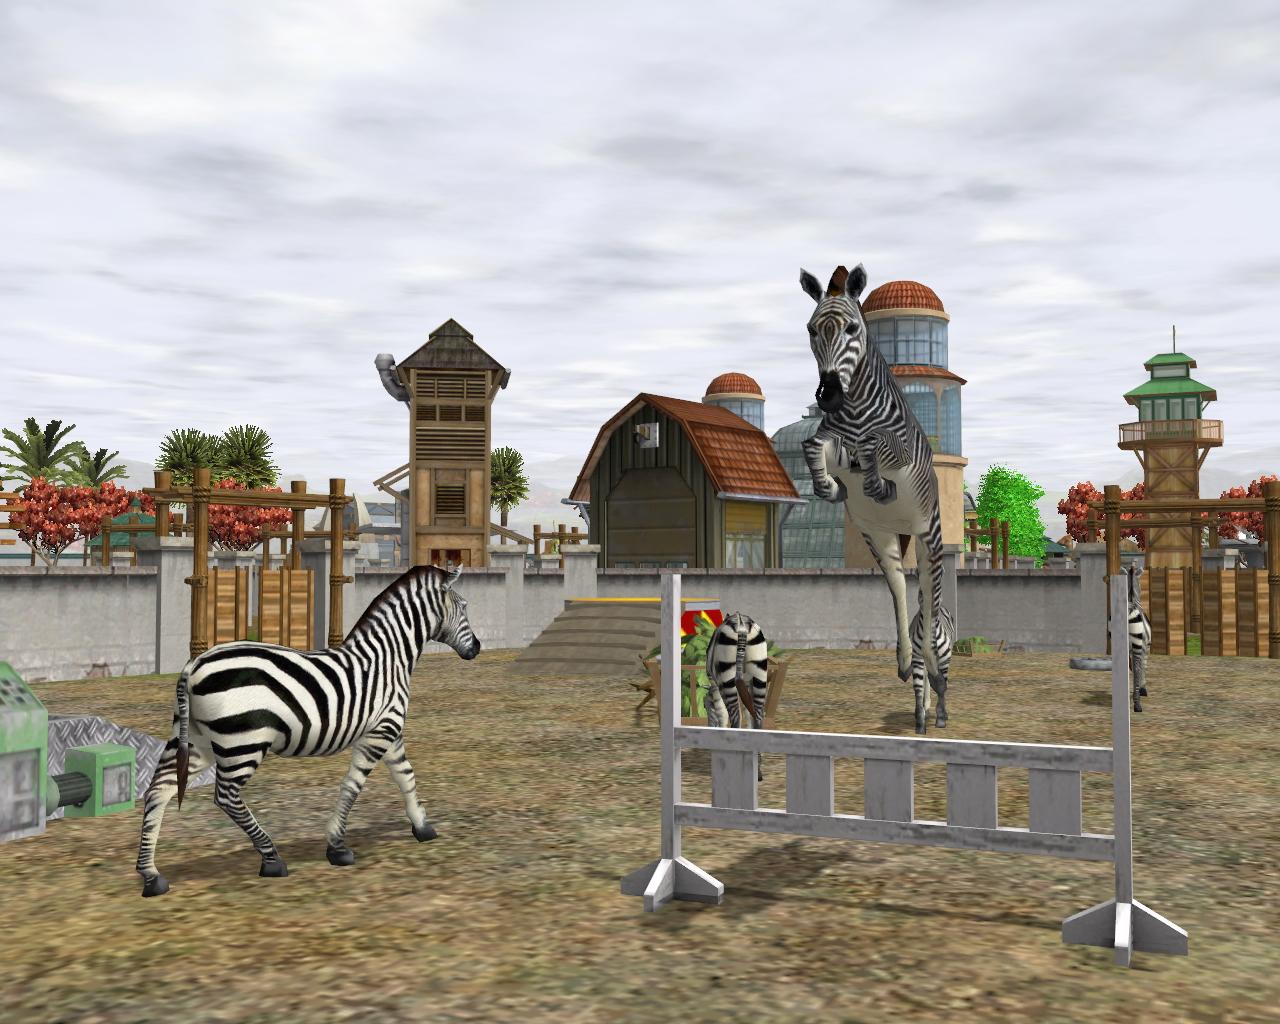 wildlifepark2_045.jpg